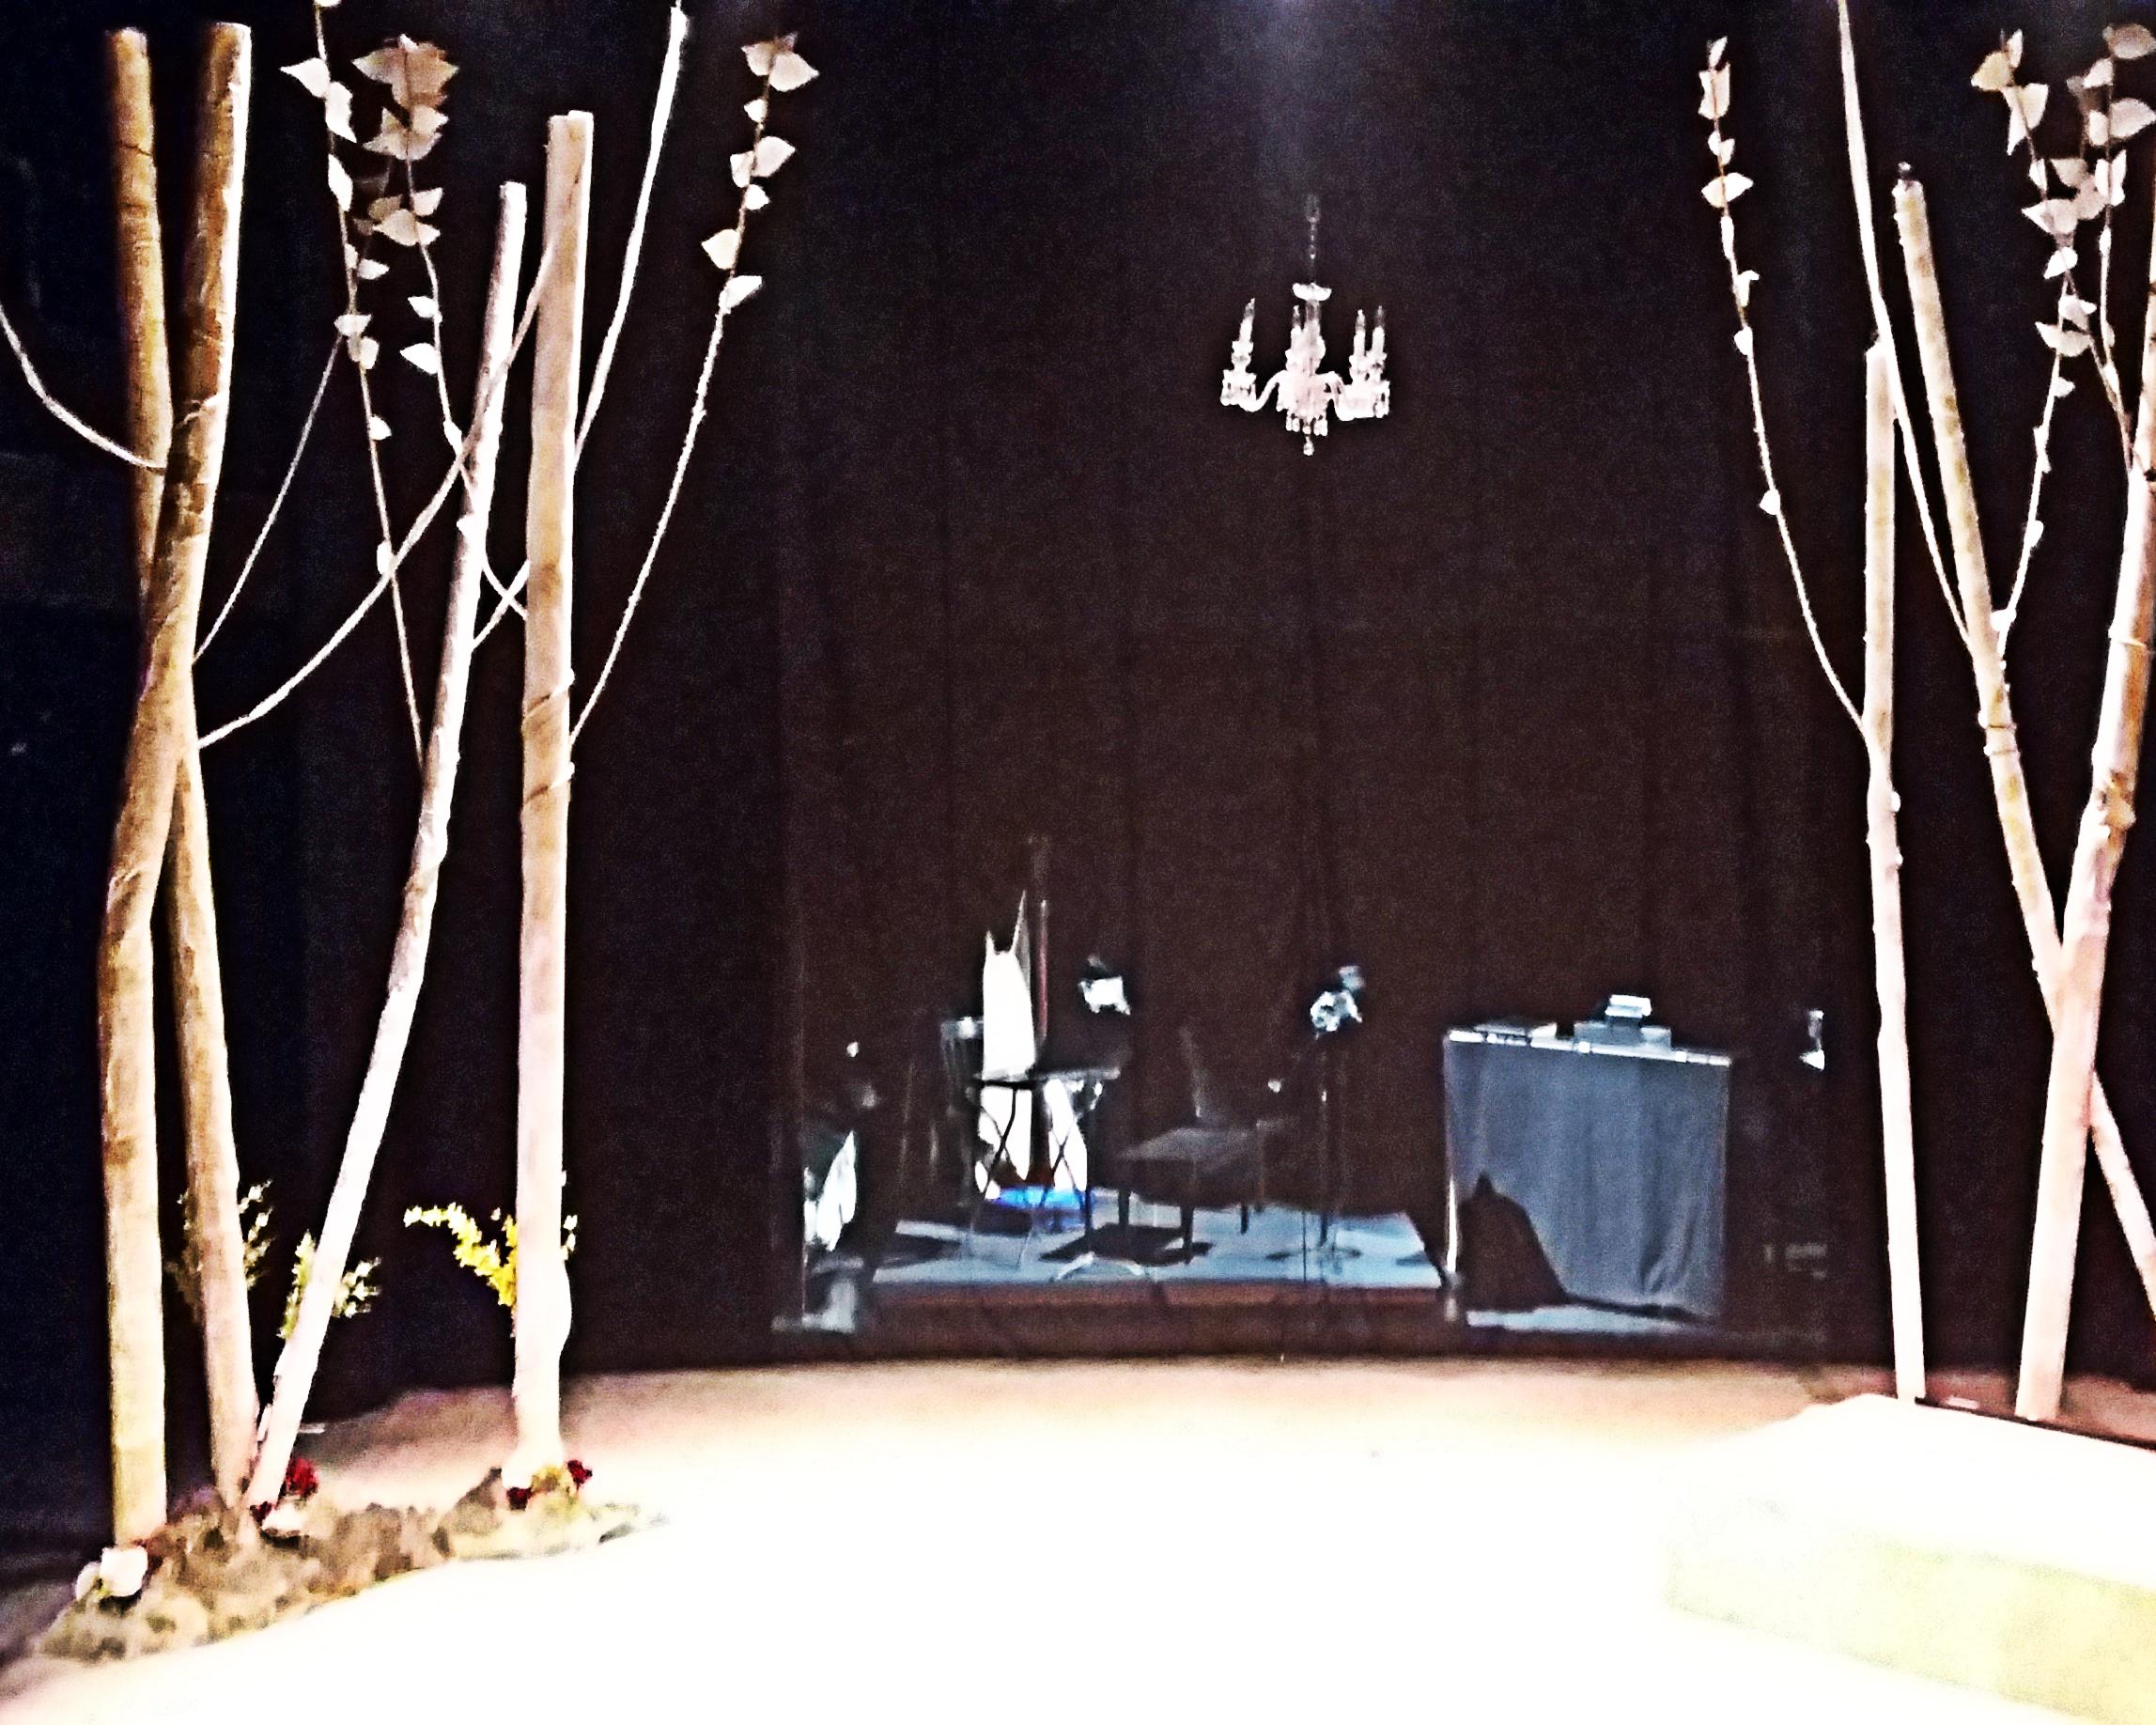 Stage & Candor_Gennie Neuman_Chasing Stages_1